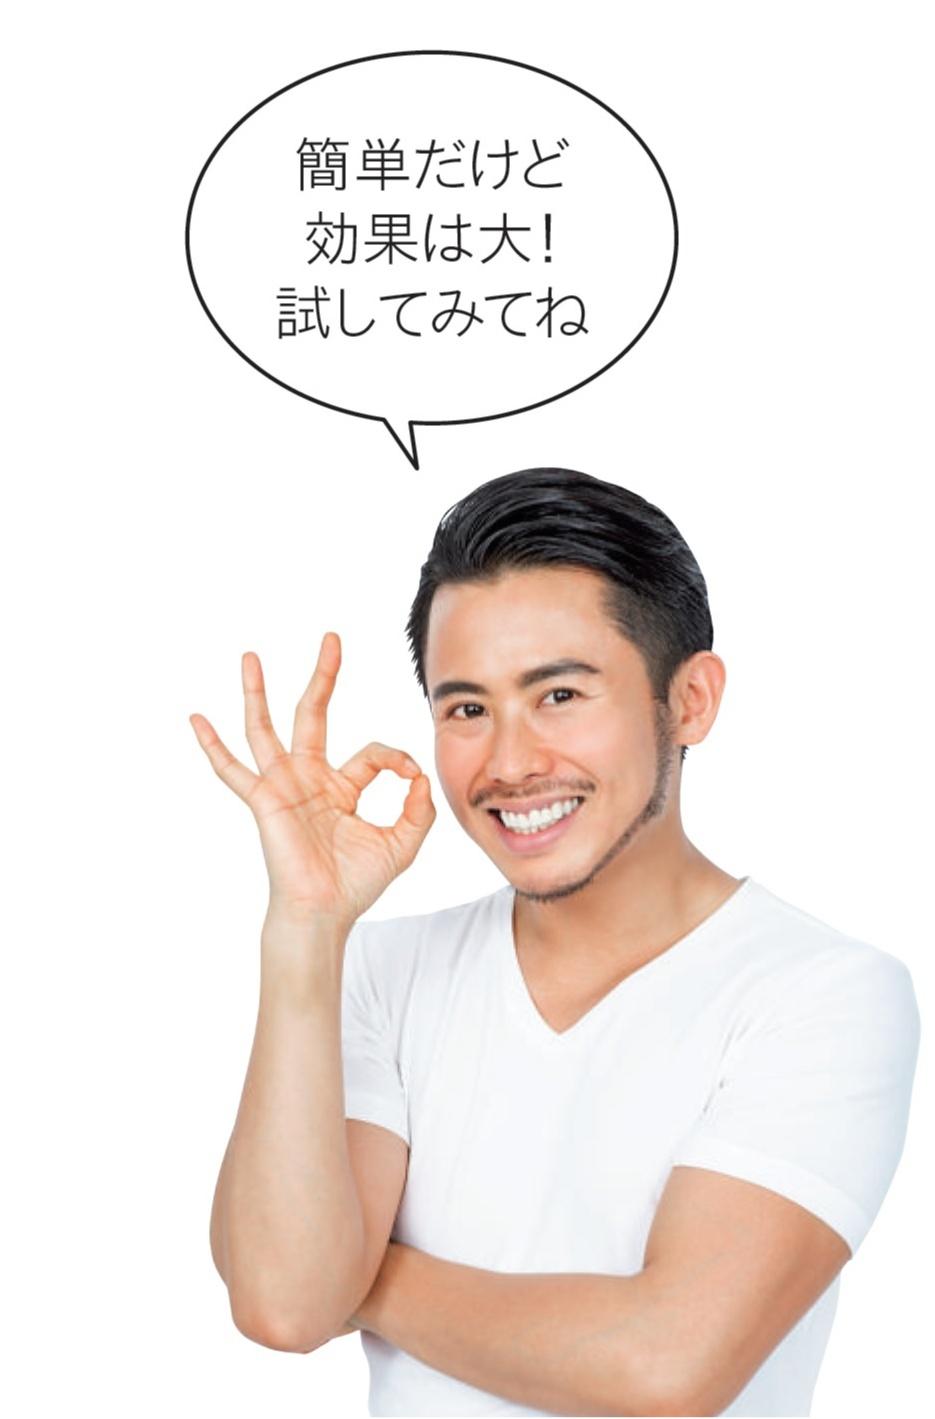 「-3キロやせ見え」する! ヘア&メイク小田切ヒロの「別人級小顔マッサージ」ー昼ケア編ー_4